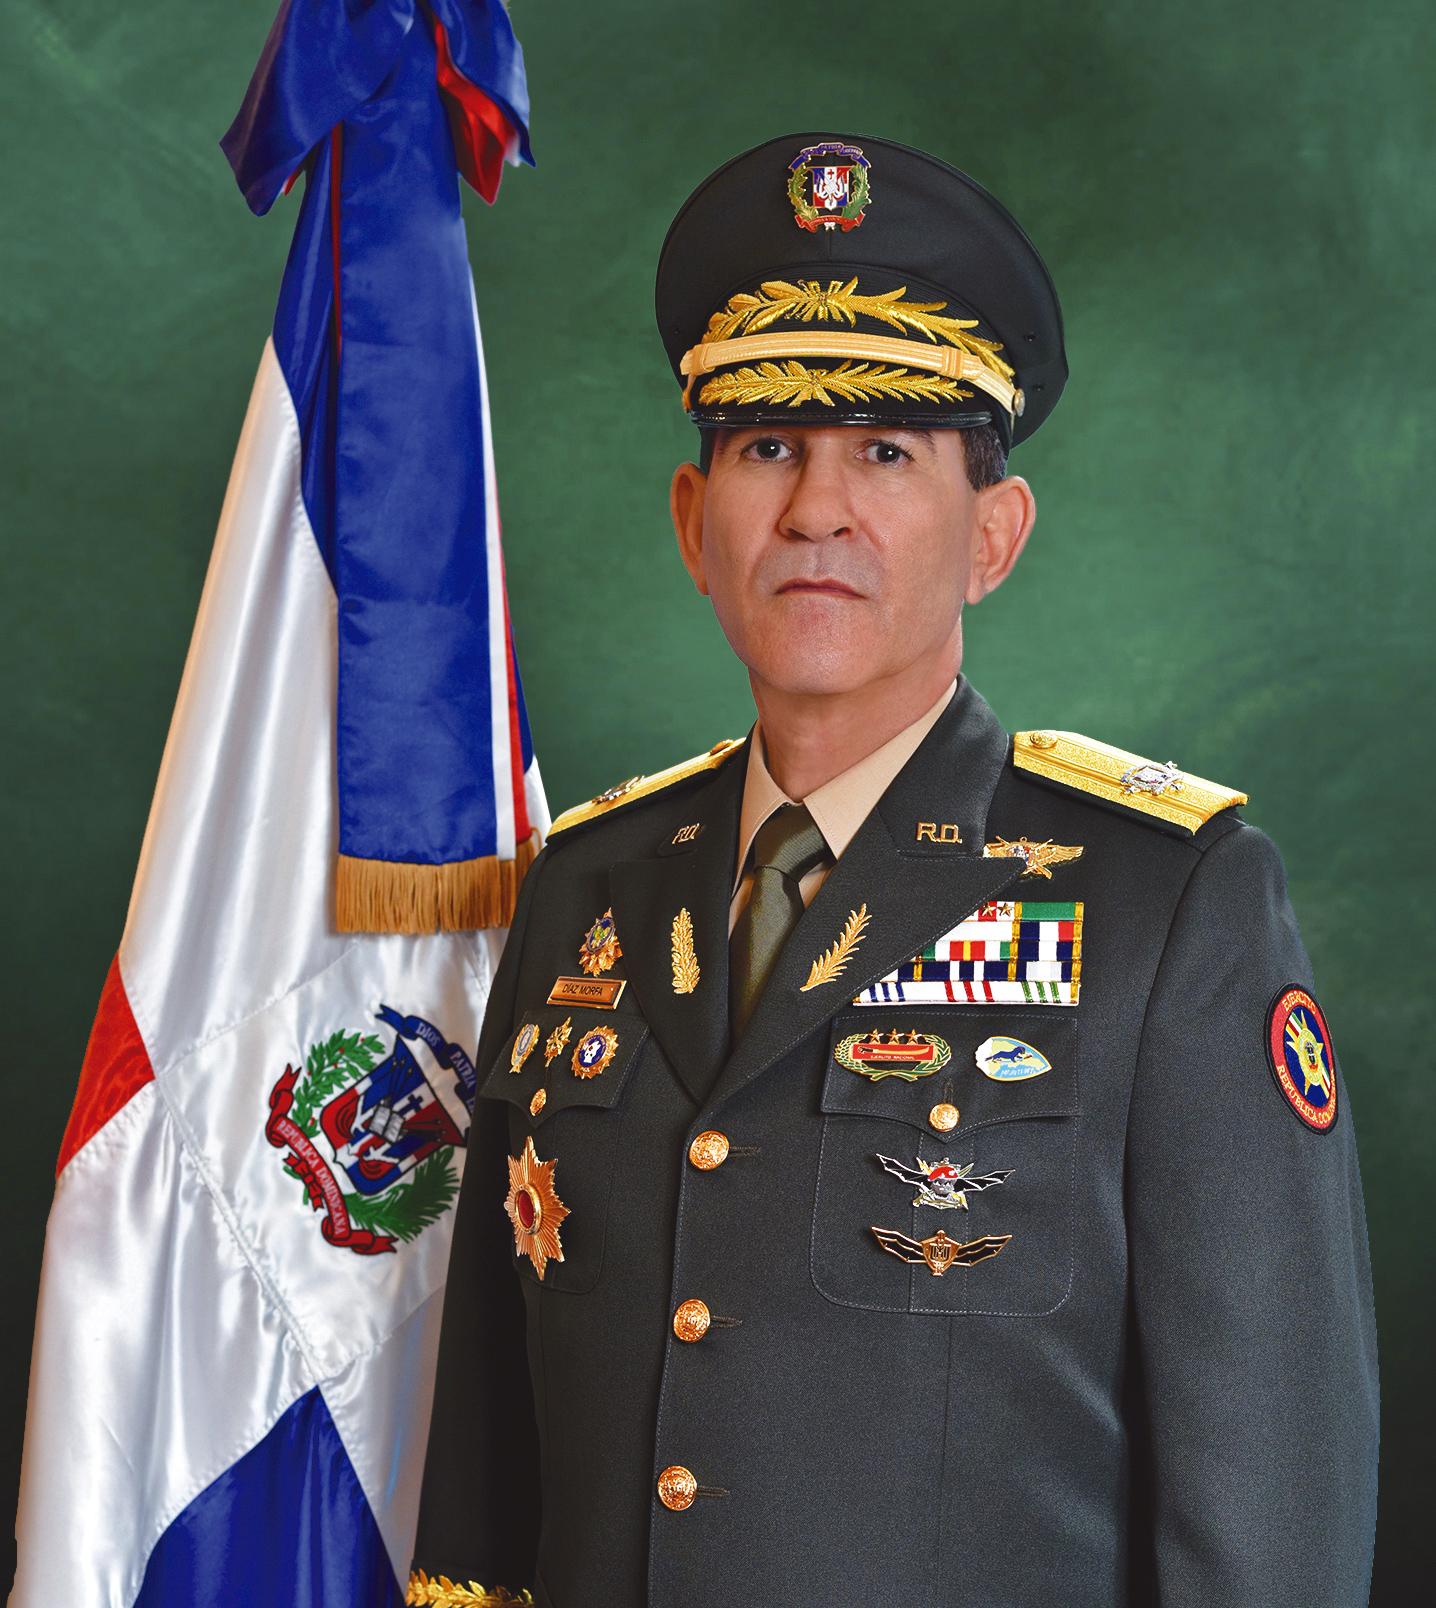 Ministro-de-Defensa-Tte-General-Diaz-Morfa